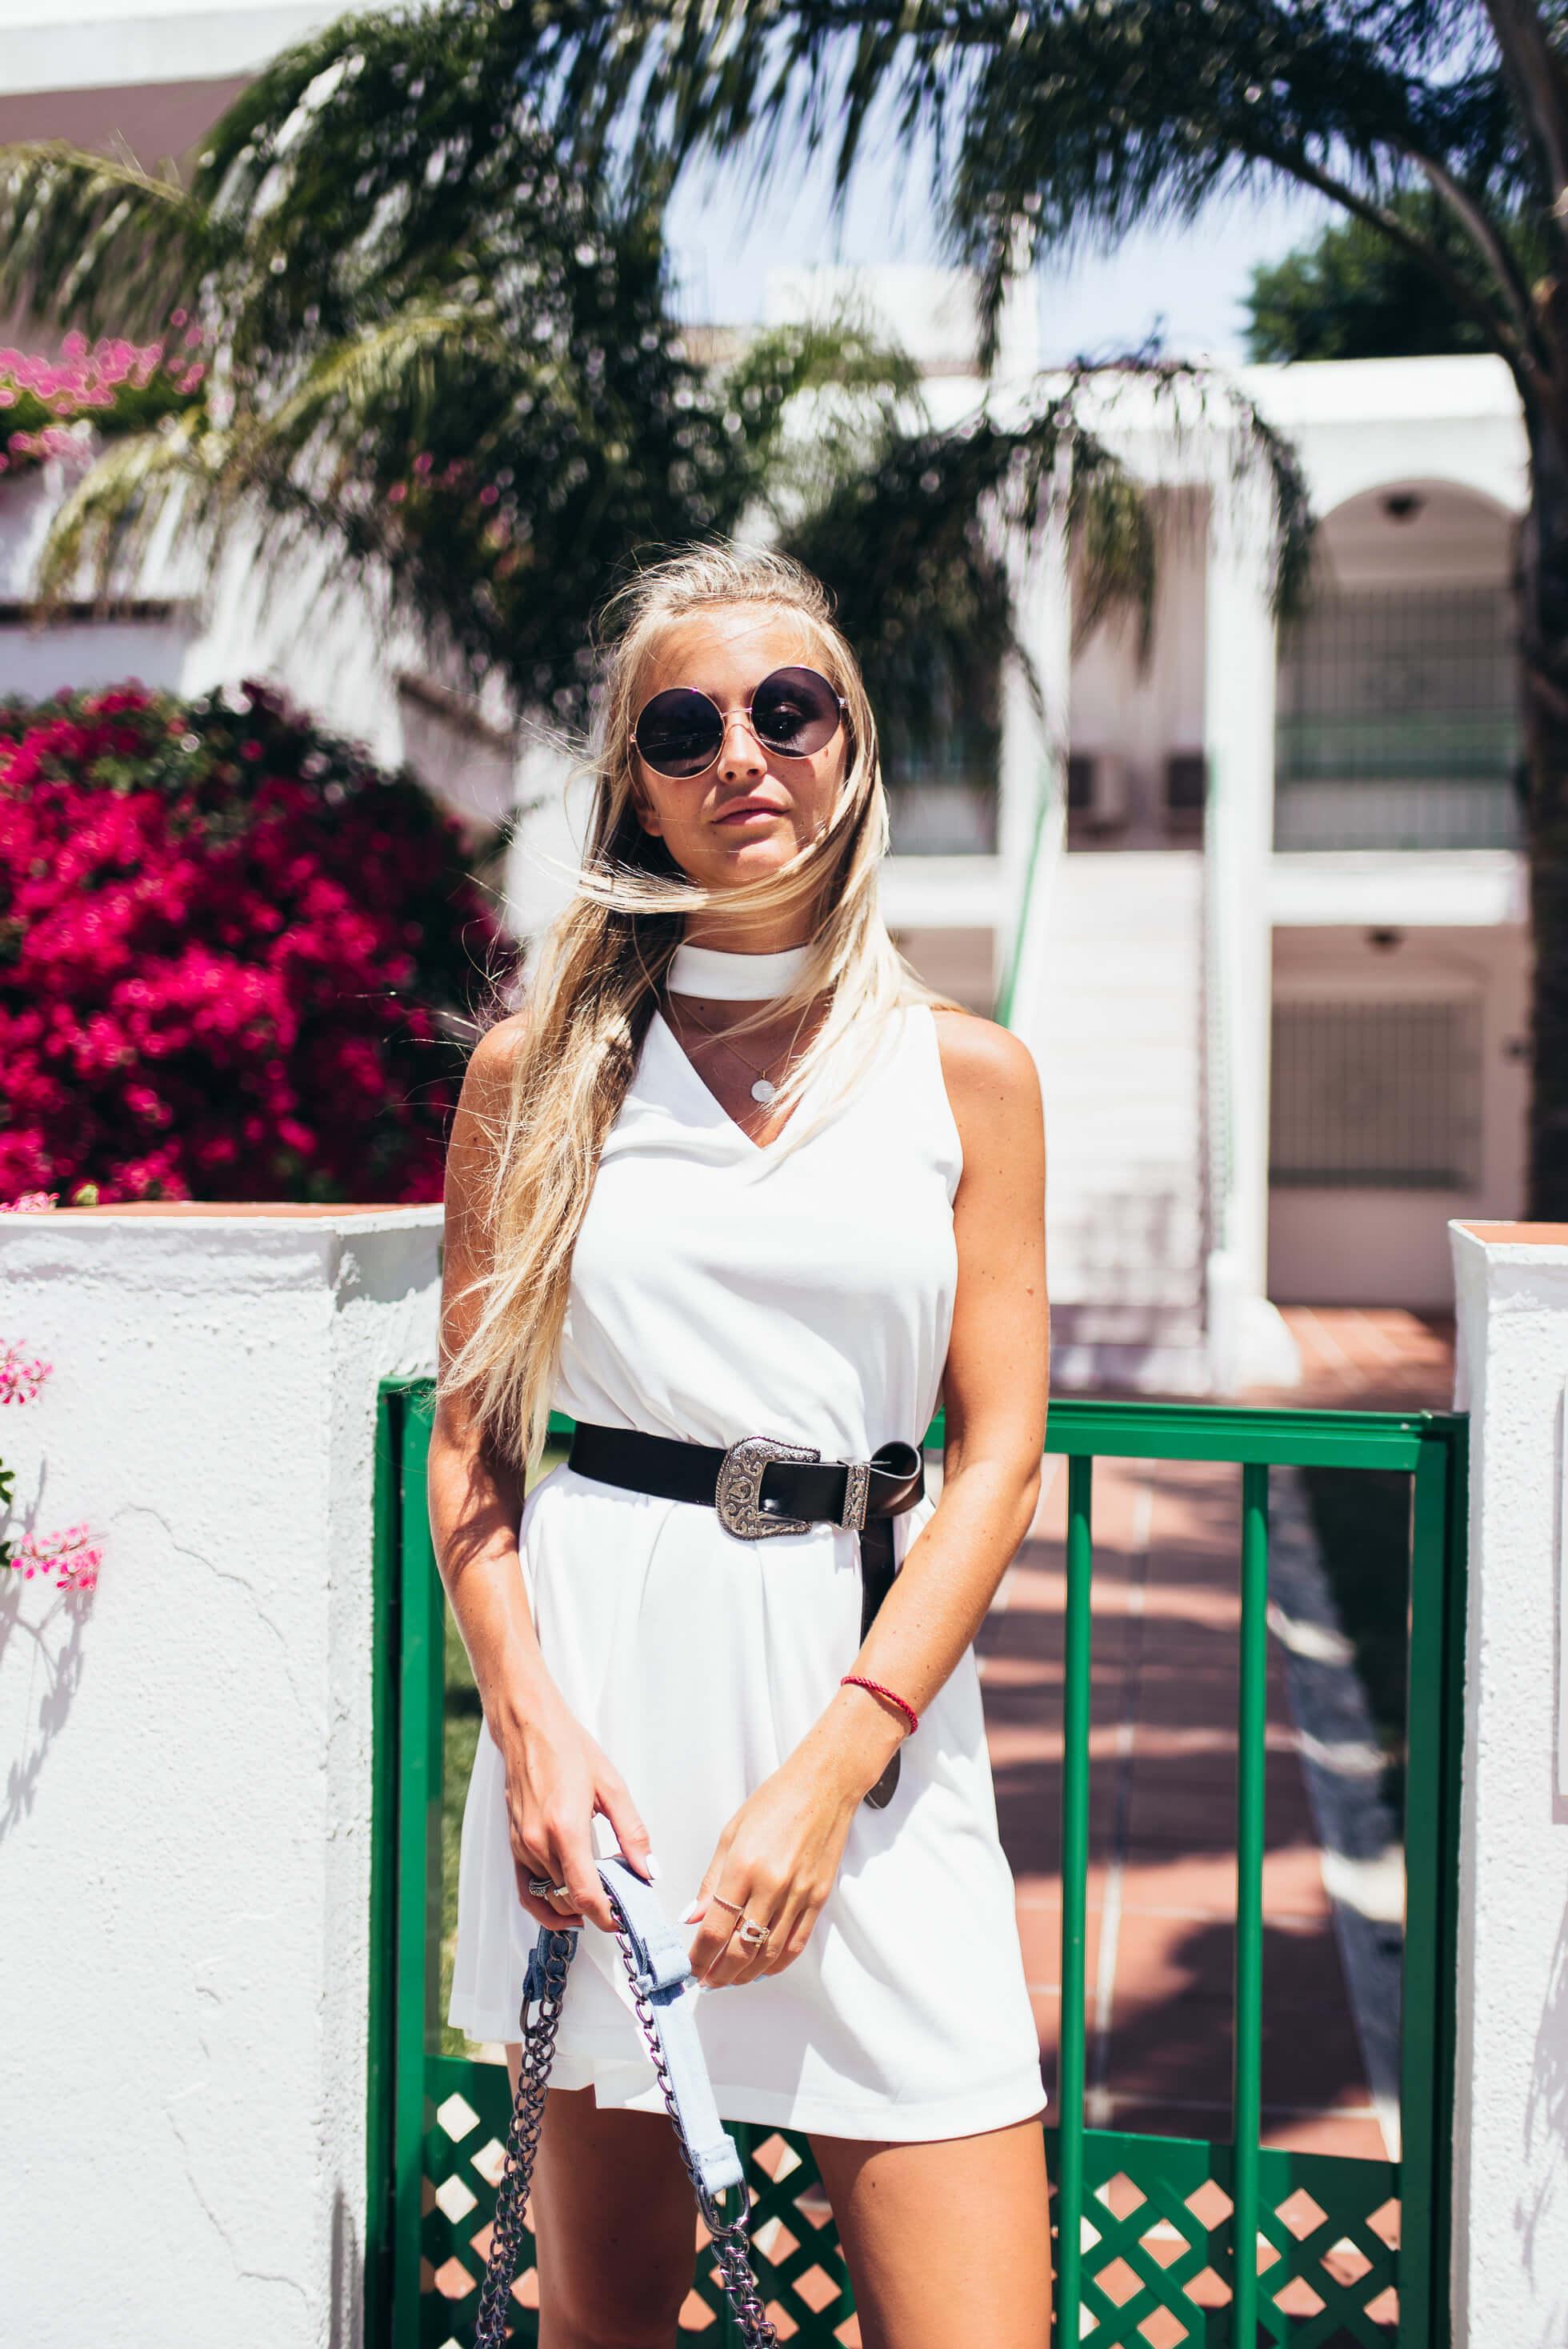 janni-deler-perfect-white-dressDSC_7824